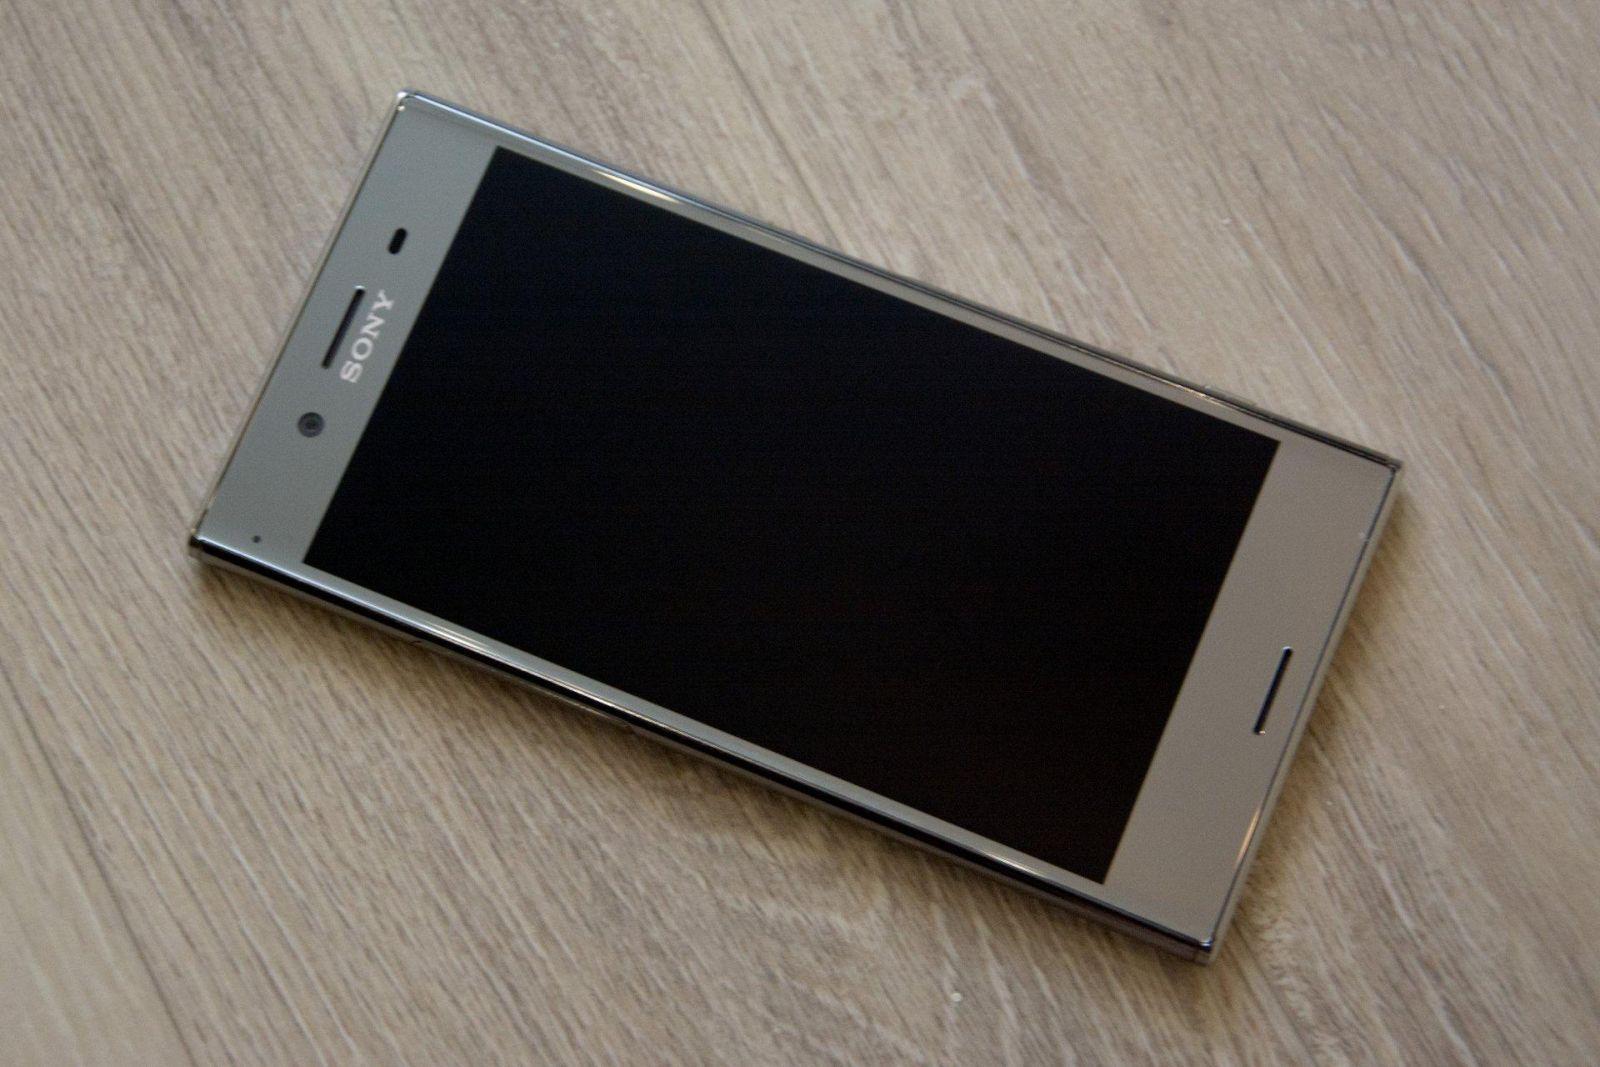 DSC 3923 - Обзор Sony Xperia XZ Premium. Лучший телефон лета